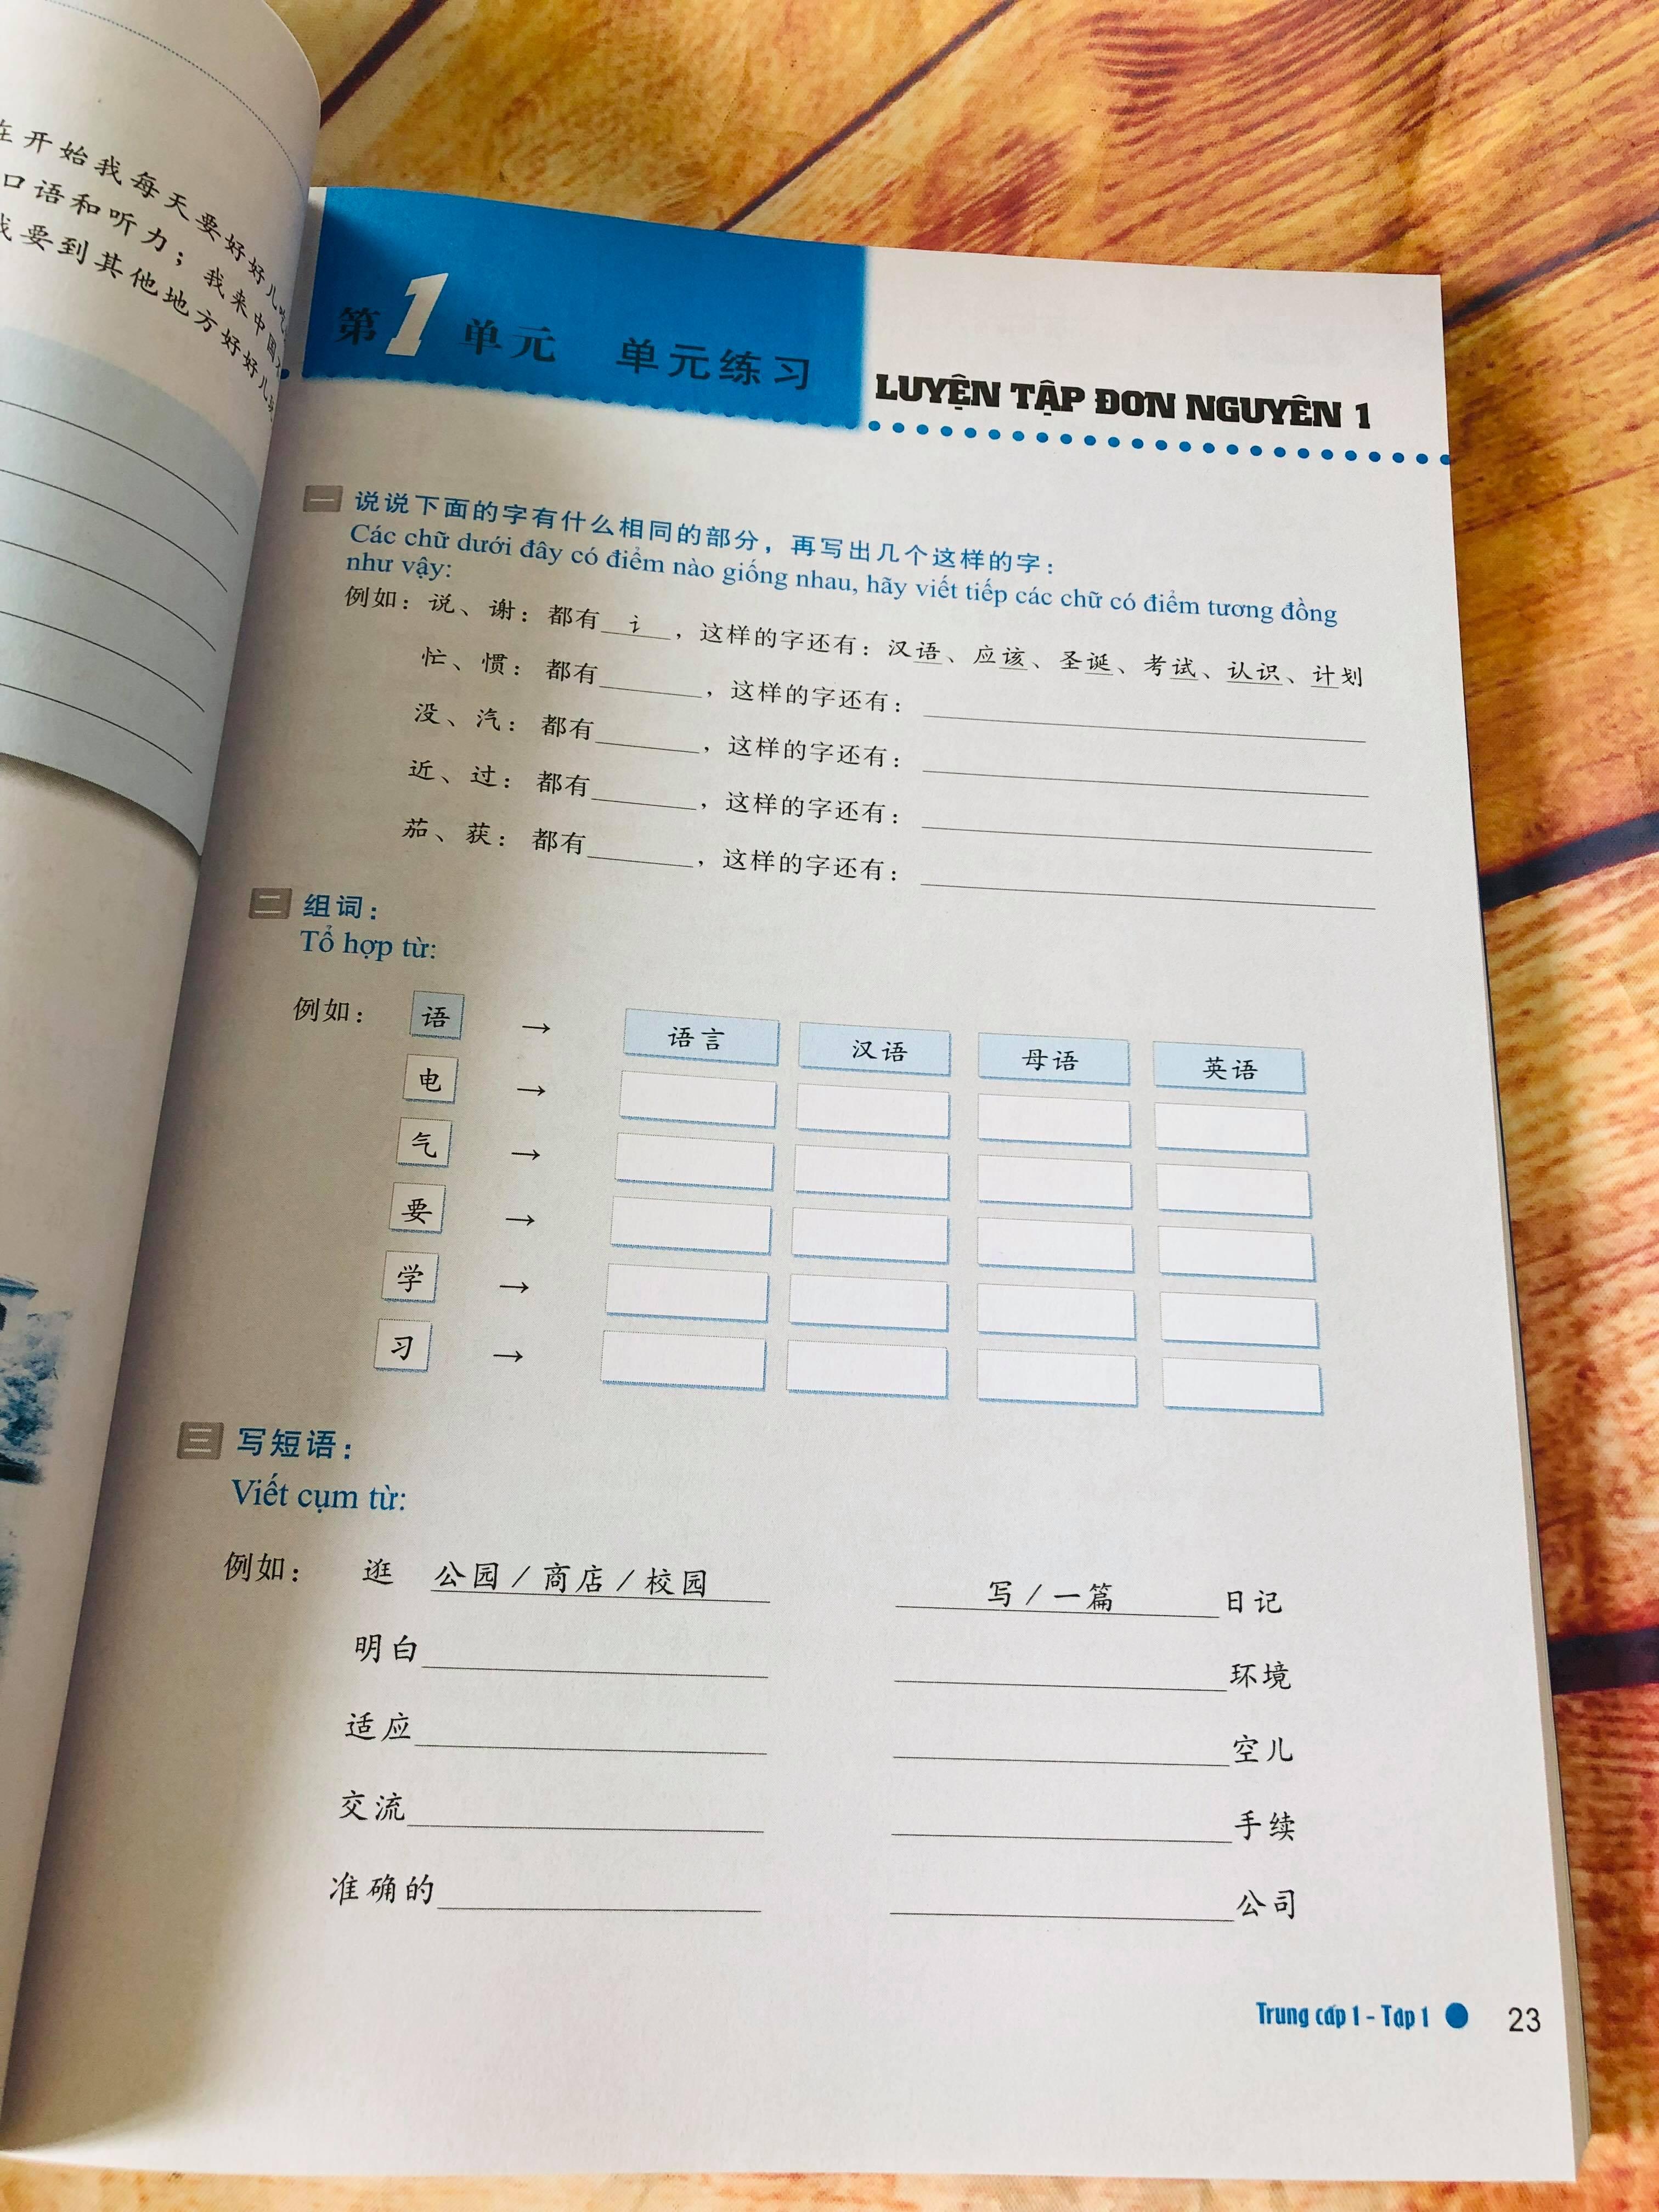 SÁCH - Giáo trình Hán ngữ Boya Trung cấp I – tập 1 - 2